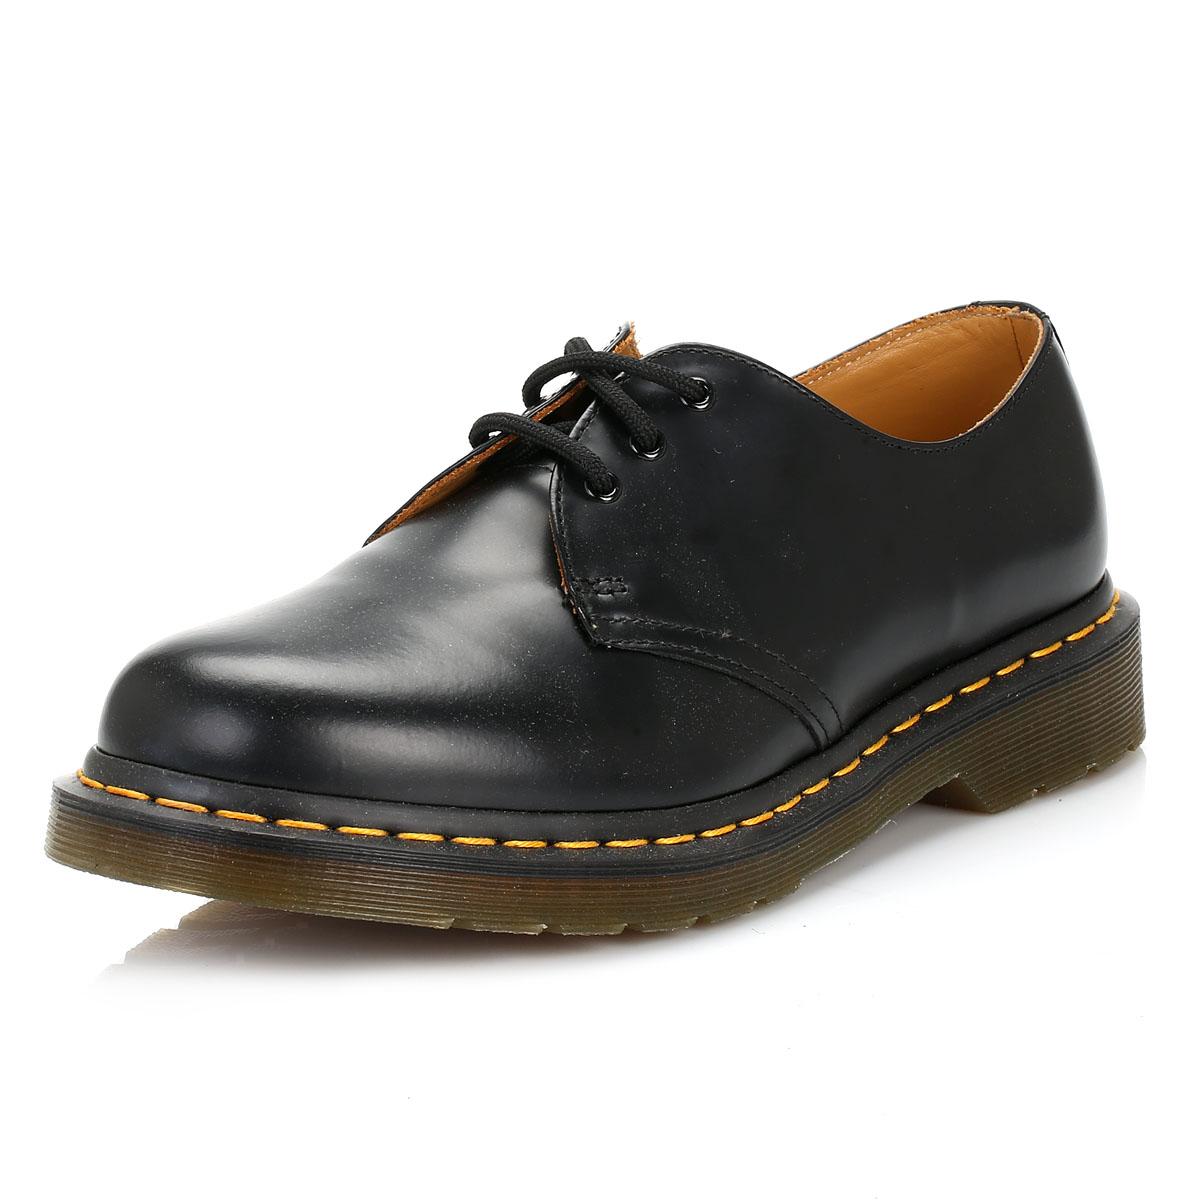 Docs Shoes Uk